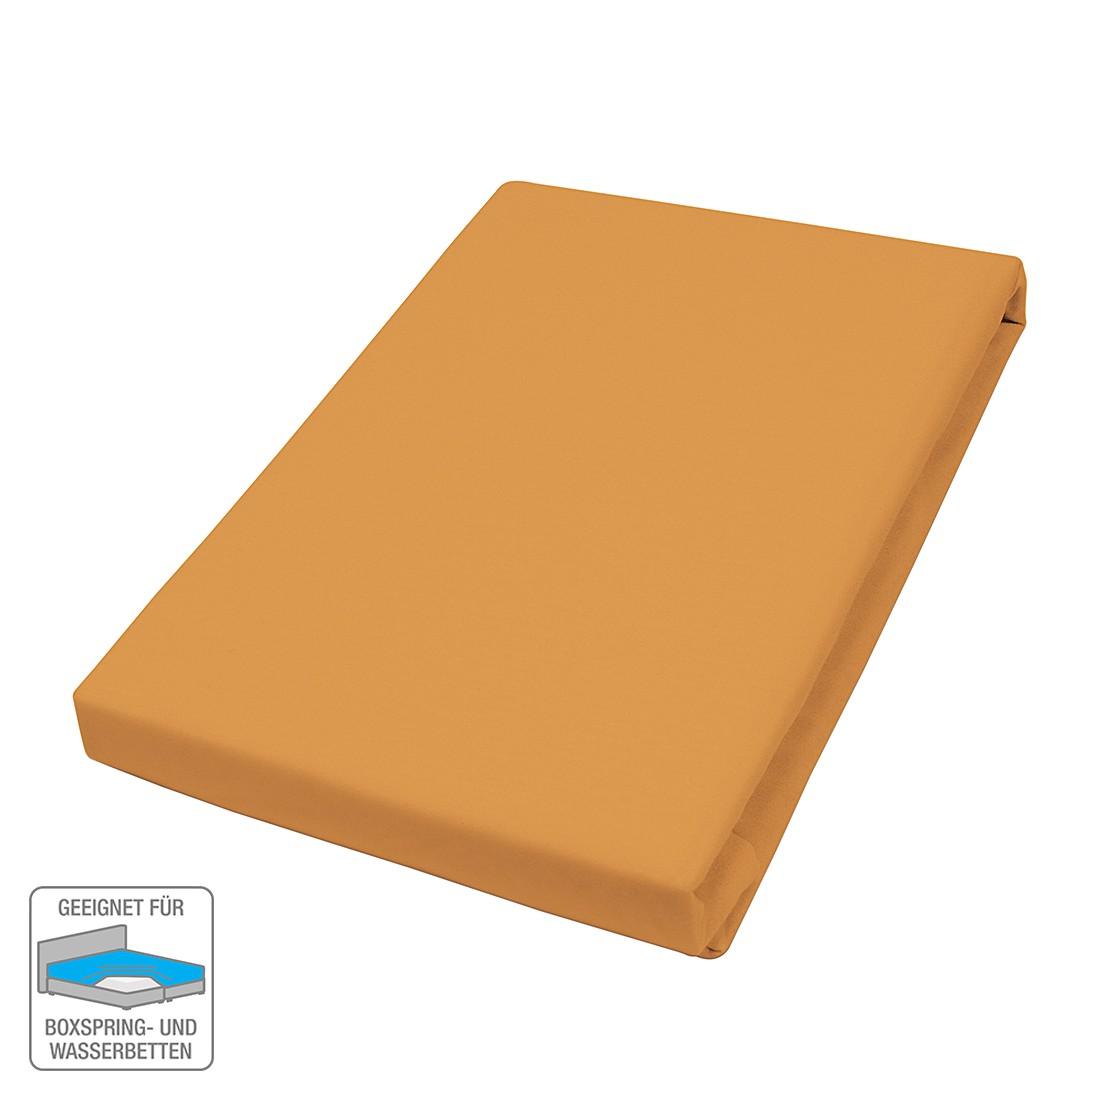 elastan feinjersey spannbetttuch orange 180 200 x 200 220 cm vario kaufen. Black Bedroom Furniture Sets. Home Design Ideas